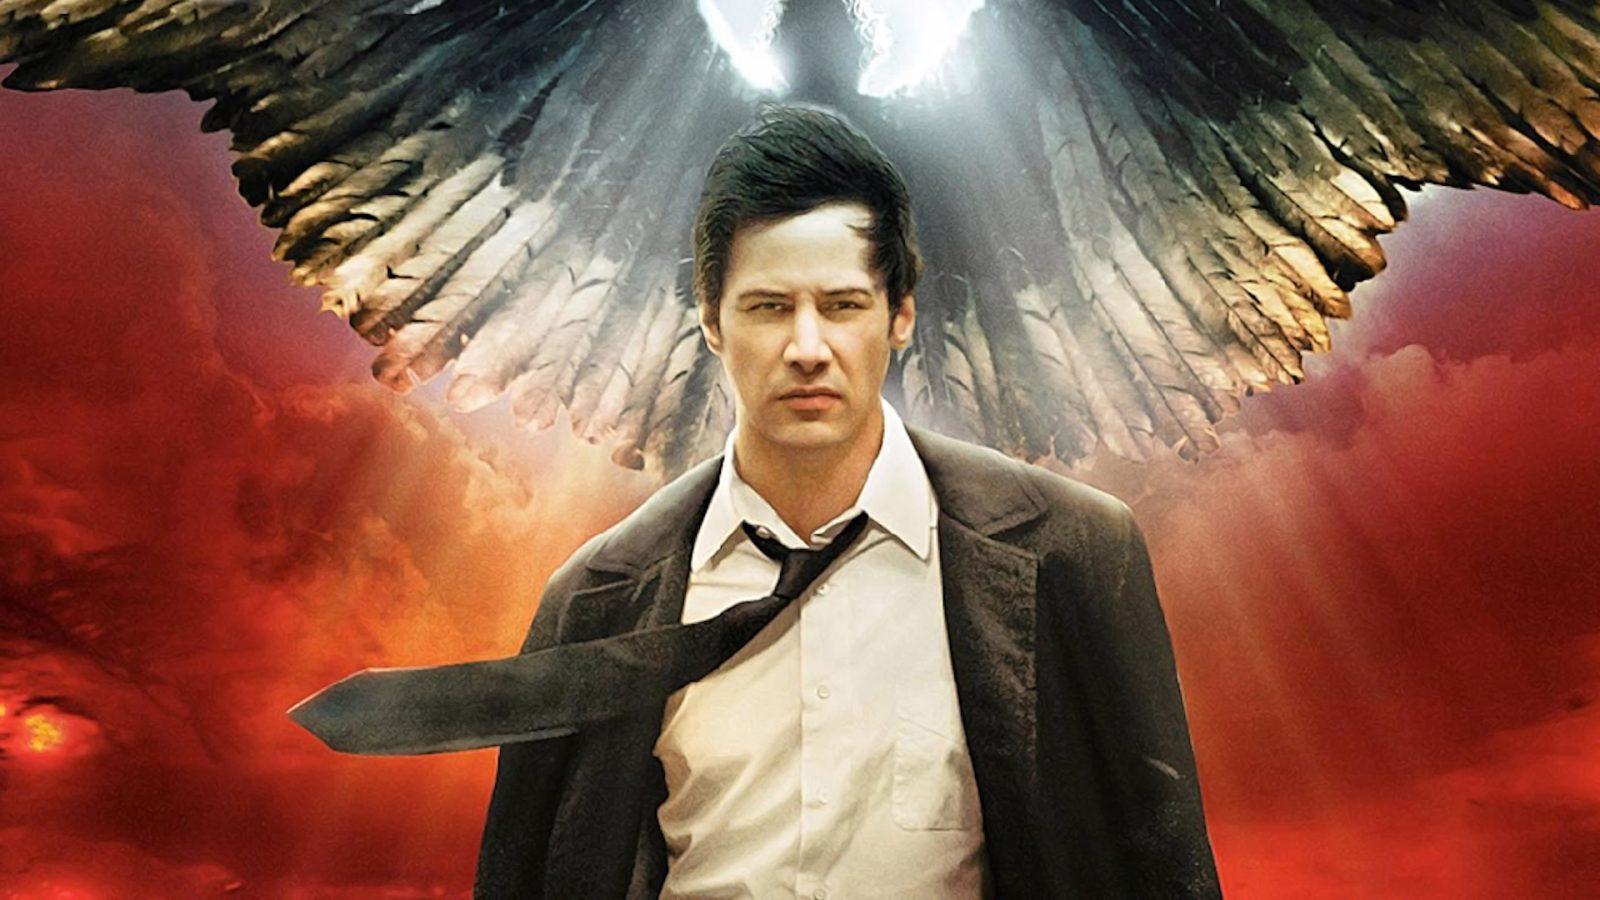 Constantine sequel